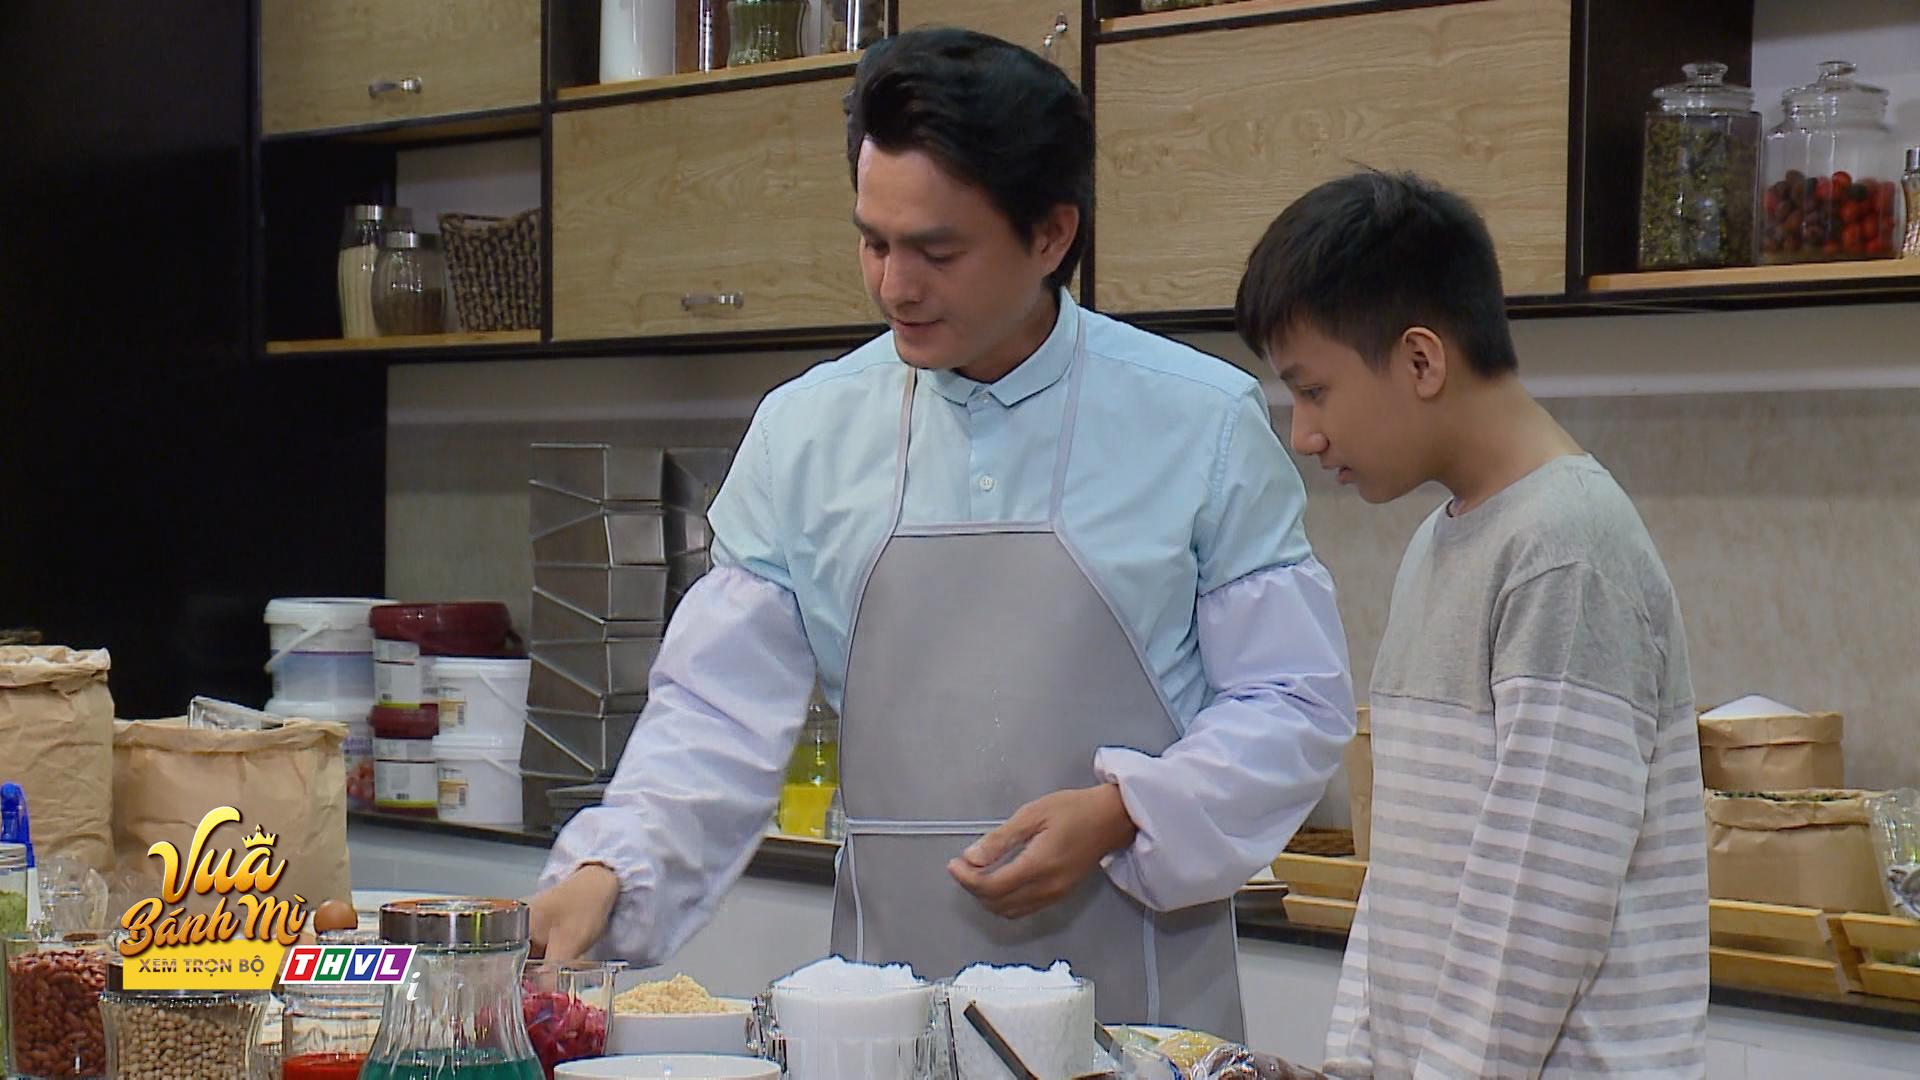 'Vua bánh mì' tập 8: Đúng là 'cha nào con nấy', con trai Cao Minh Đạt cũng sở hữu tài nghệ làm bánh từ cha 0